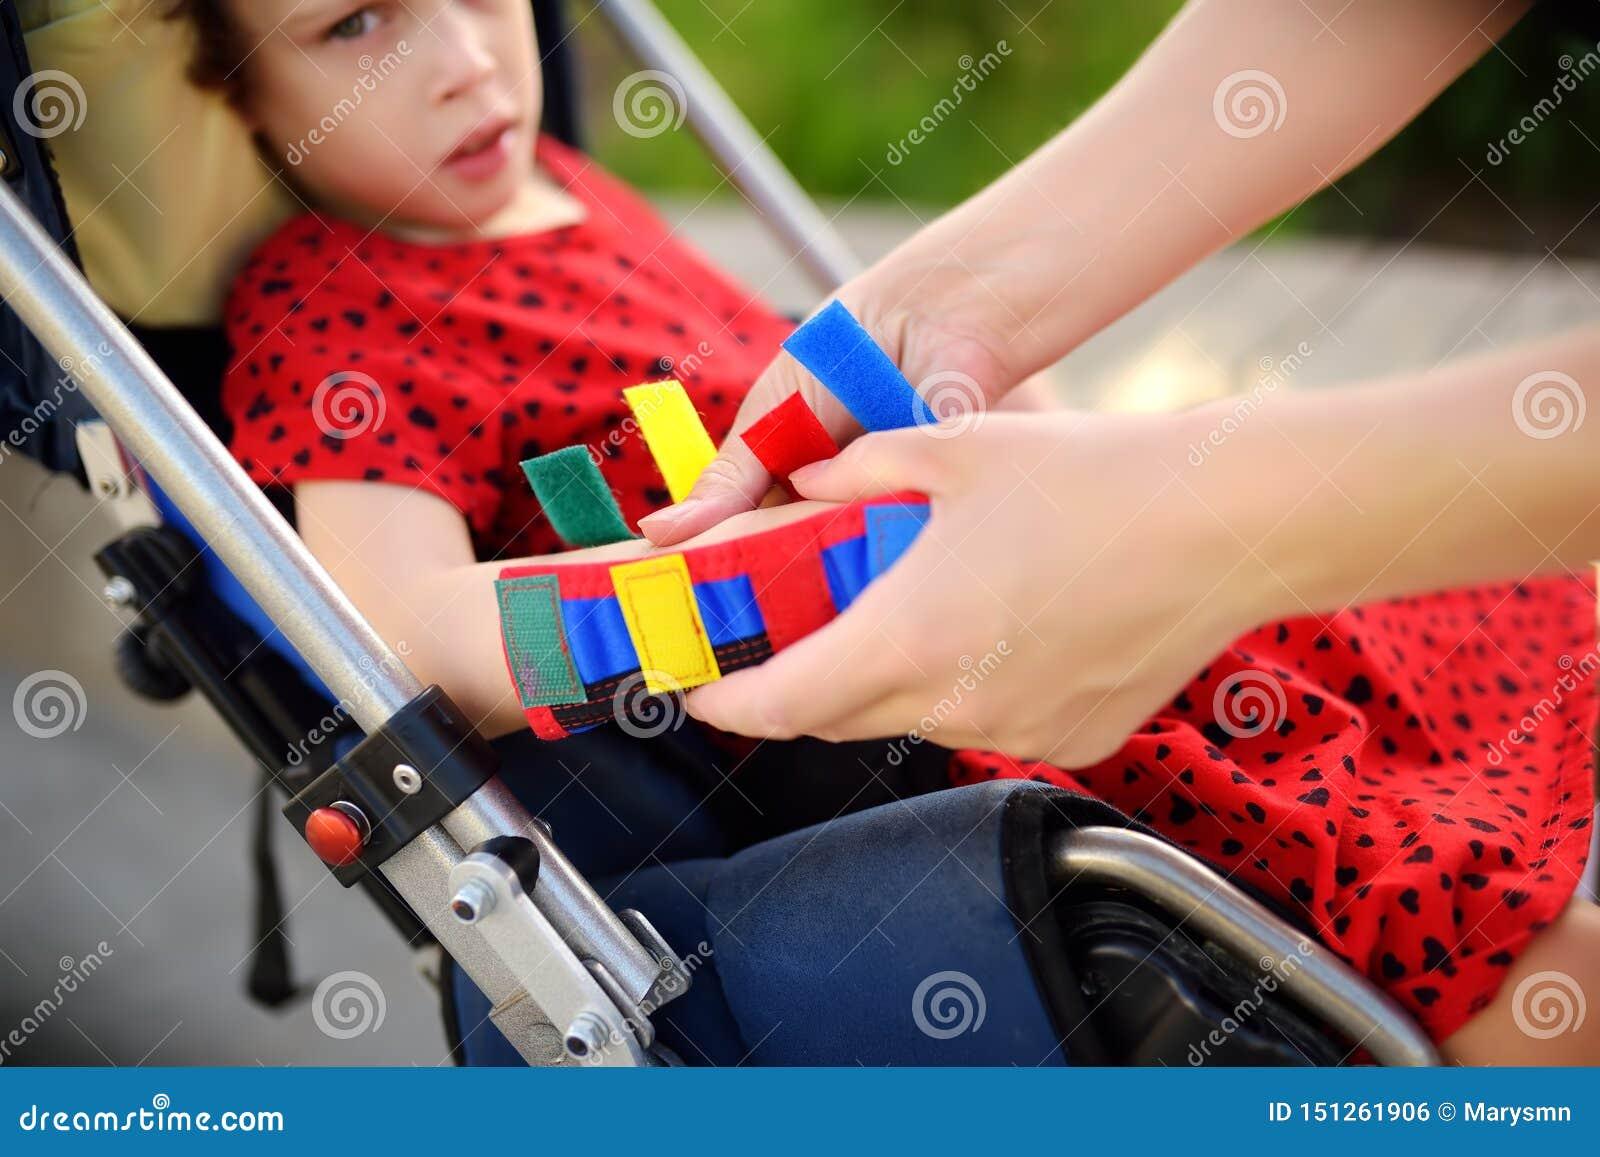 母亲在她的女儿胳膊投入整直法 残疾女孩坐轮椅 儿童大脑麻痹